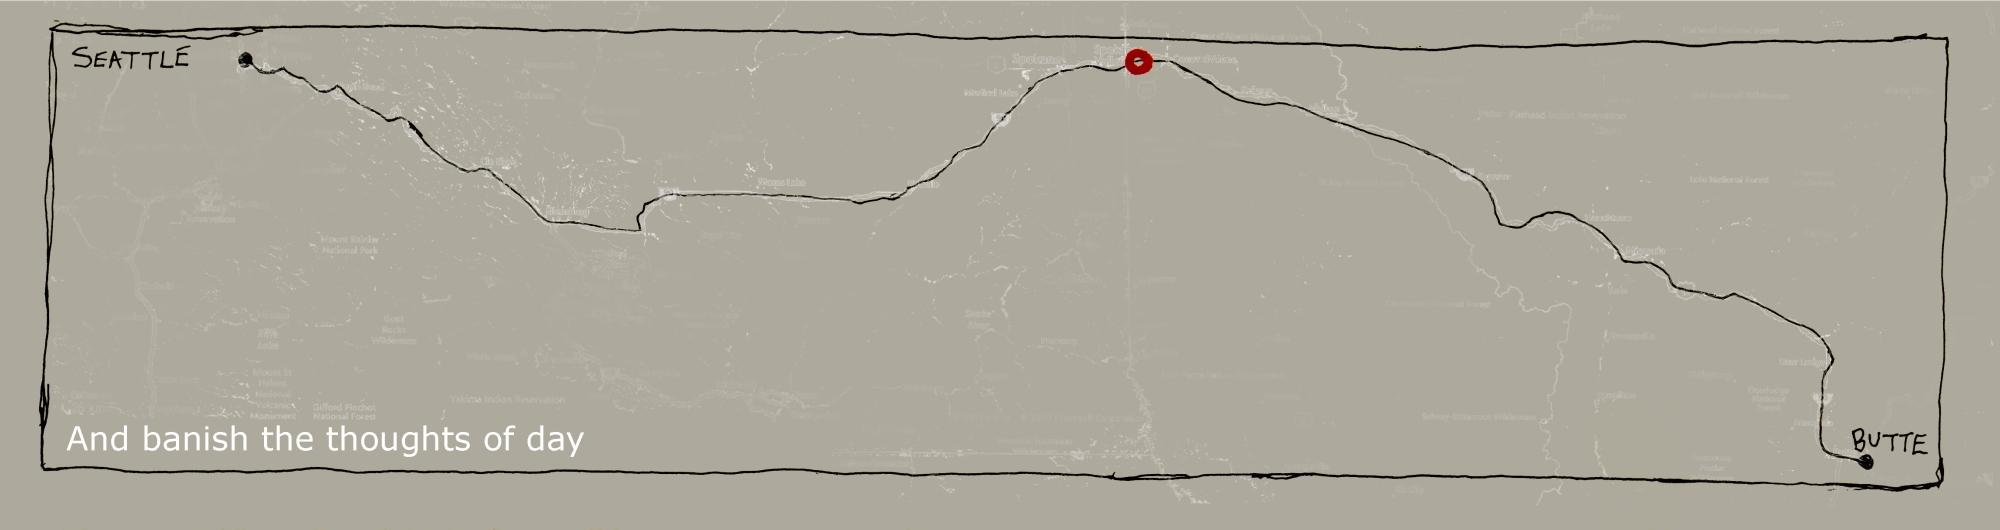 309 map